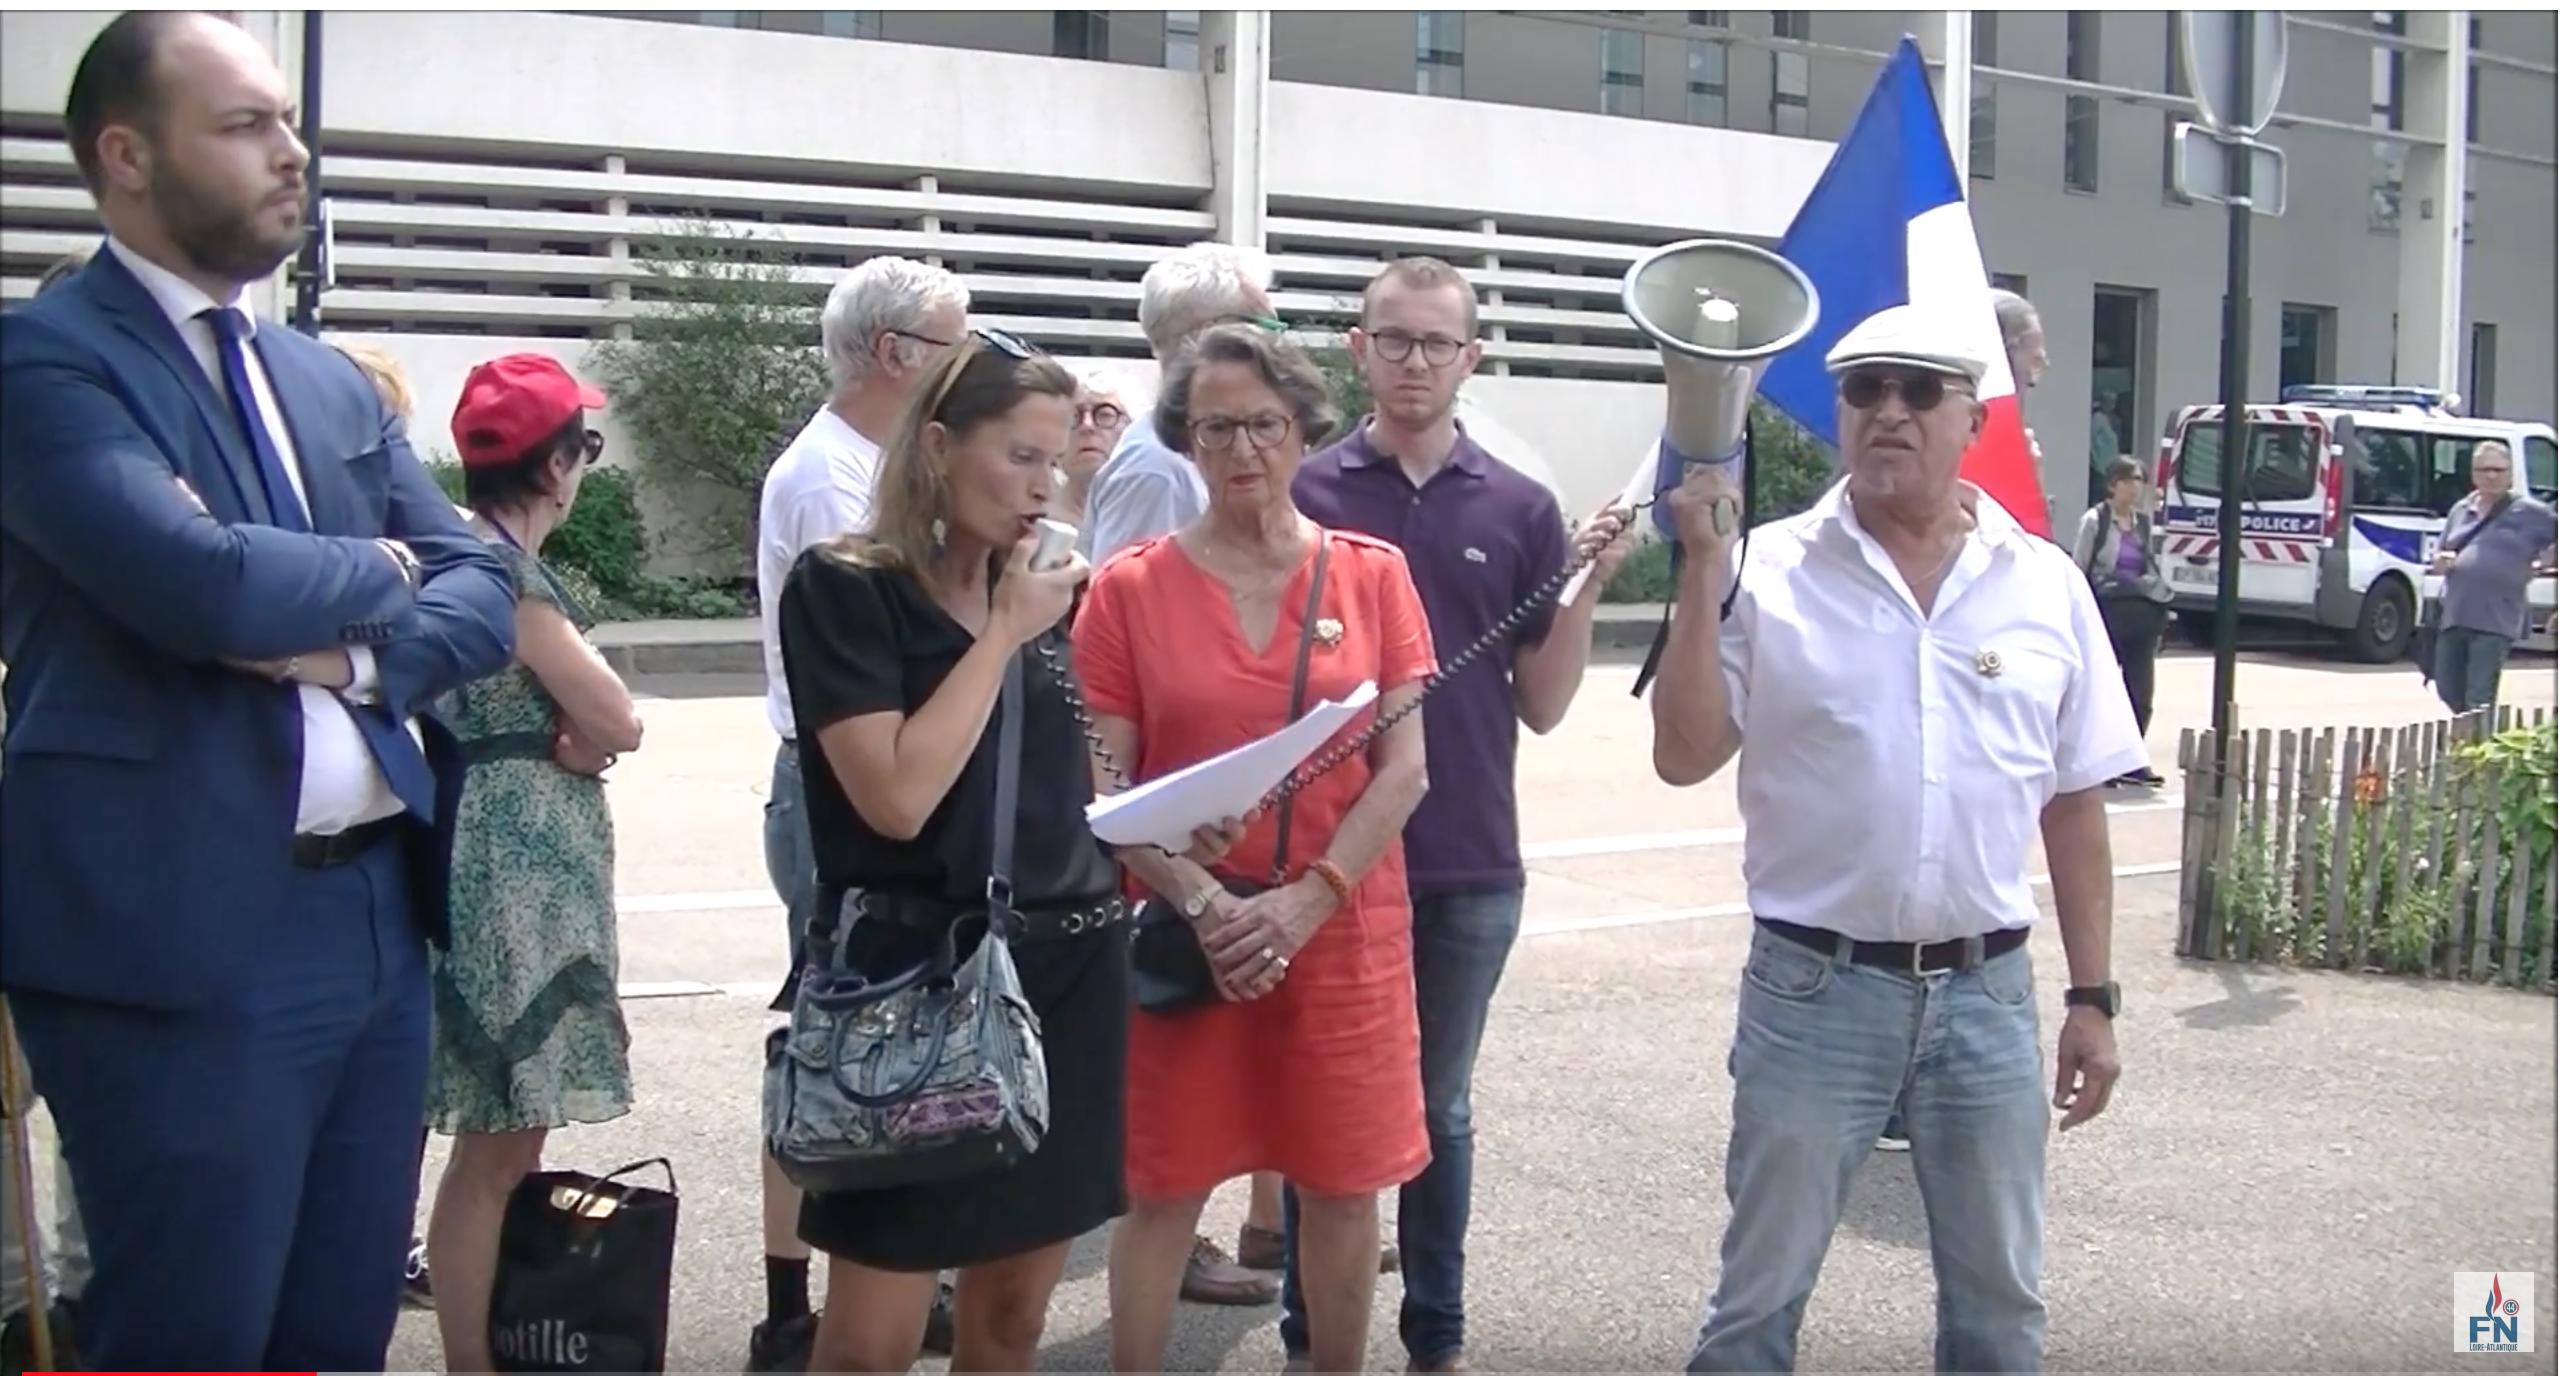 Une poignée de patriotes à Nantes, pour soutenir le policier qui a tué le repris de justice Boubakar !